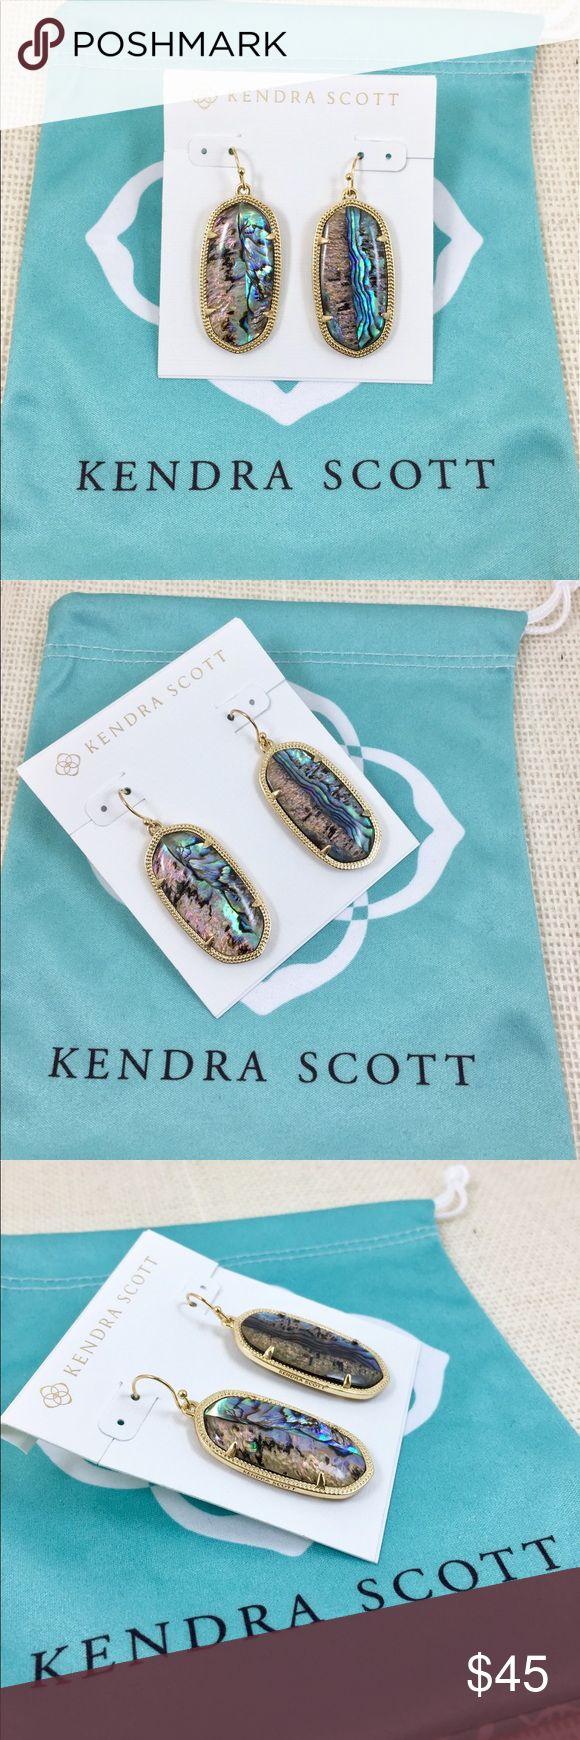 """Kendra Scott Elle gold tone abalone earrings Kendra Scott Elle abalone earrings. 14K gold plated over brass. Size: 1.44""""L x0.69""""W on earwire. New with Kendra Scott earrings card and pouch. No tags. Kendra Scott Jewelry Earrings"""